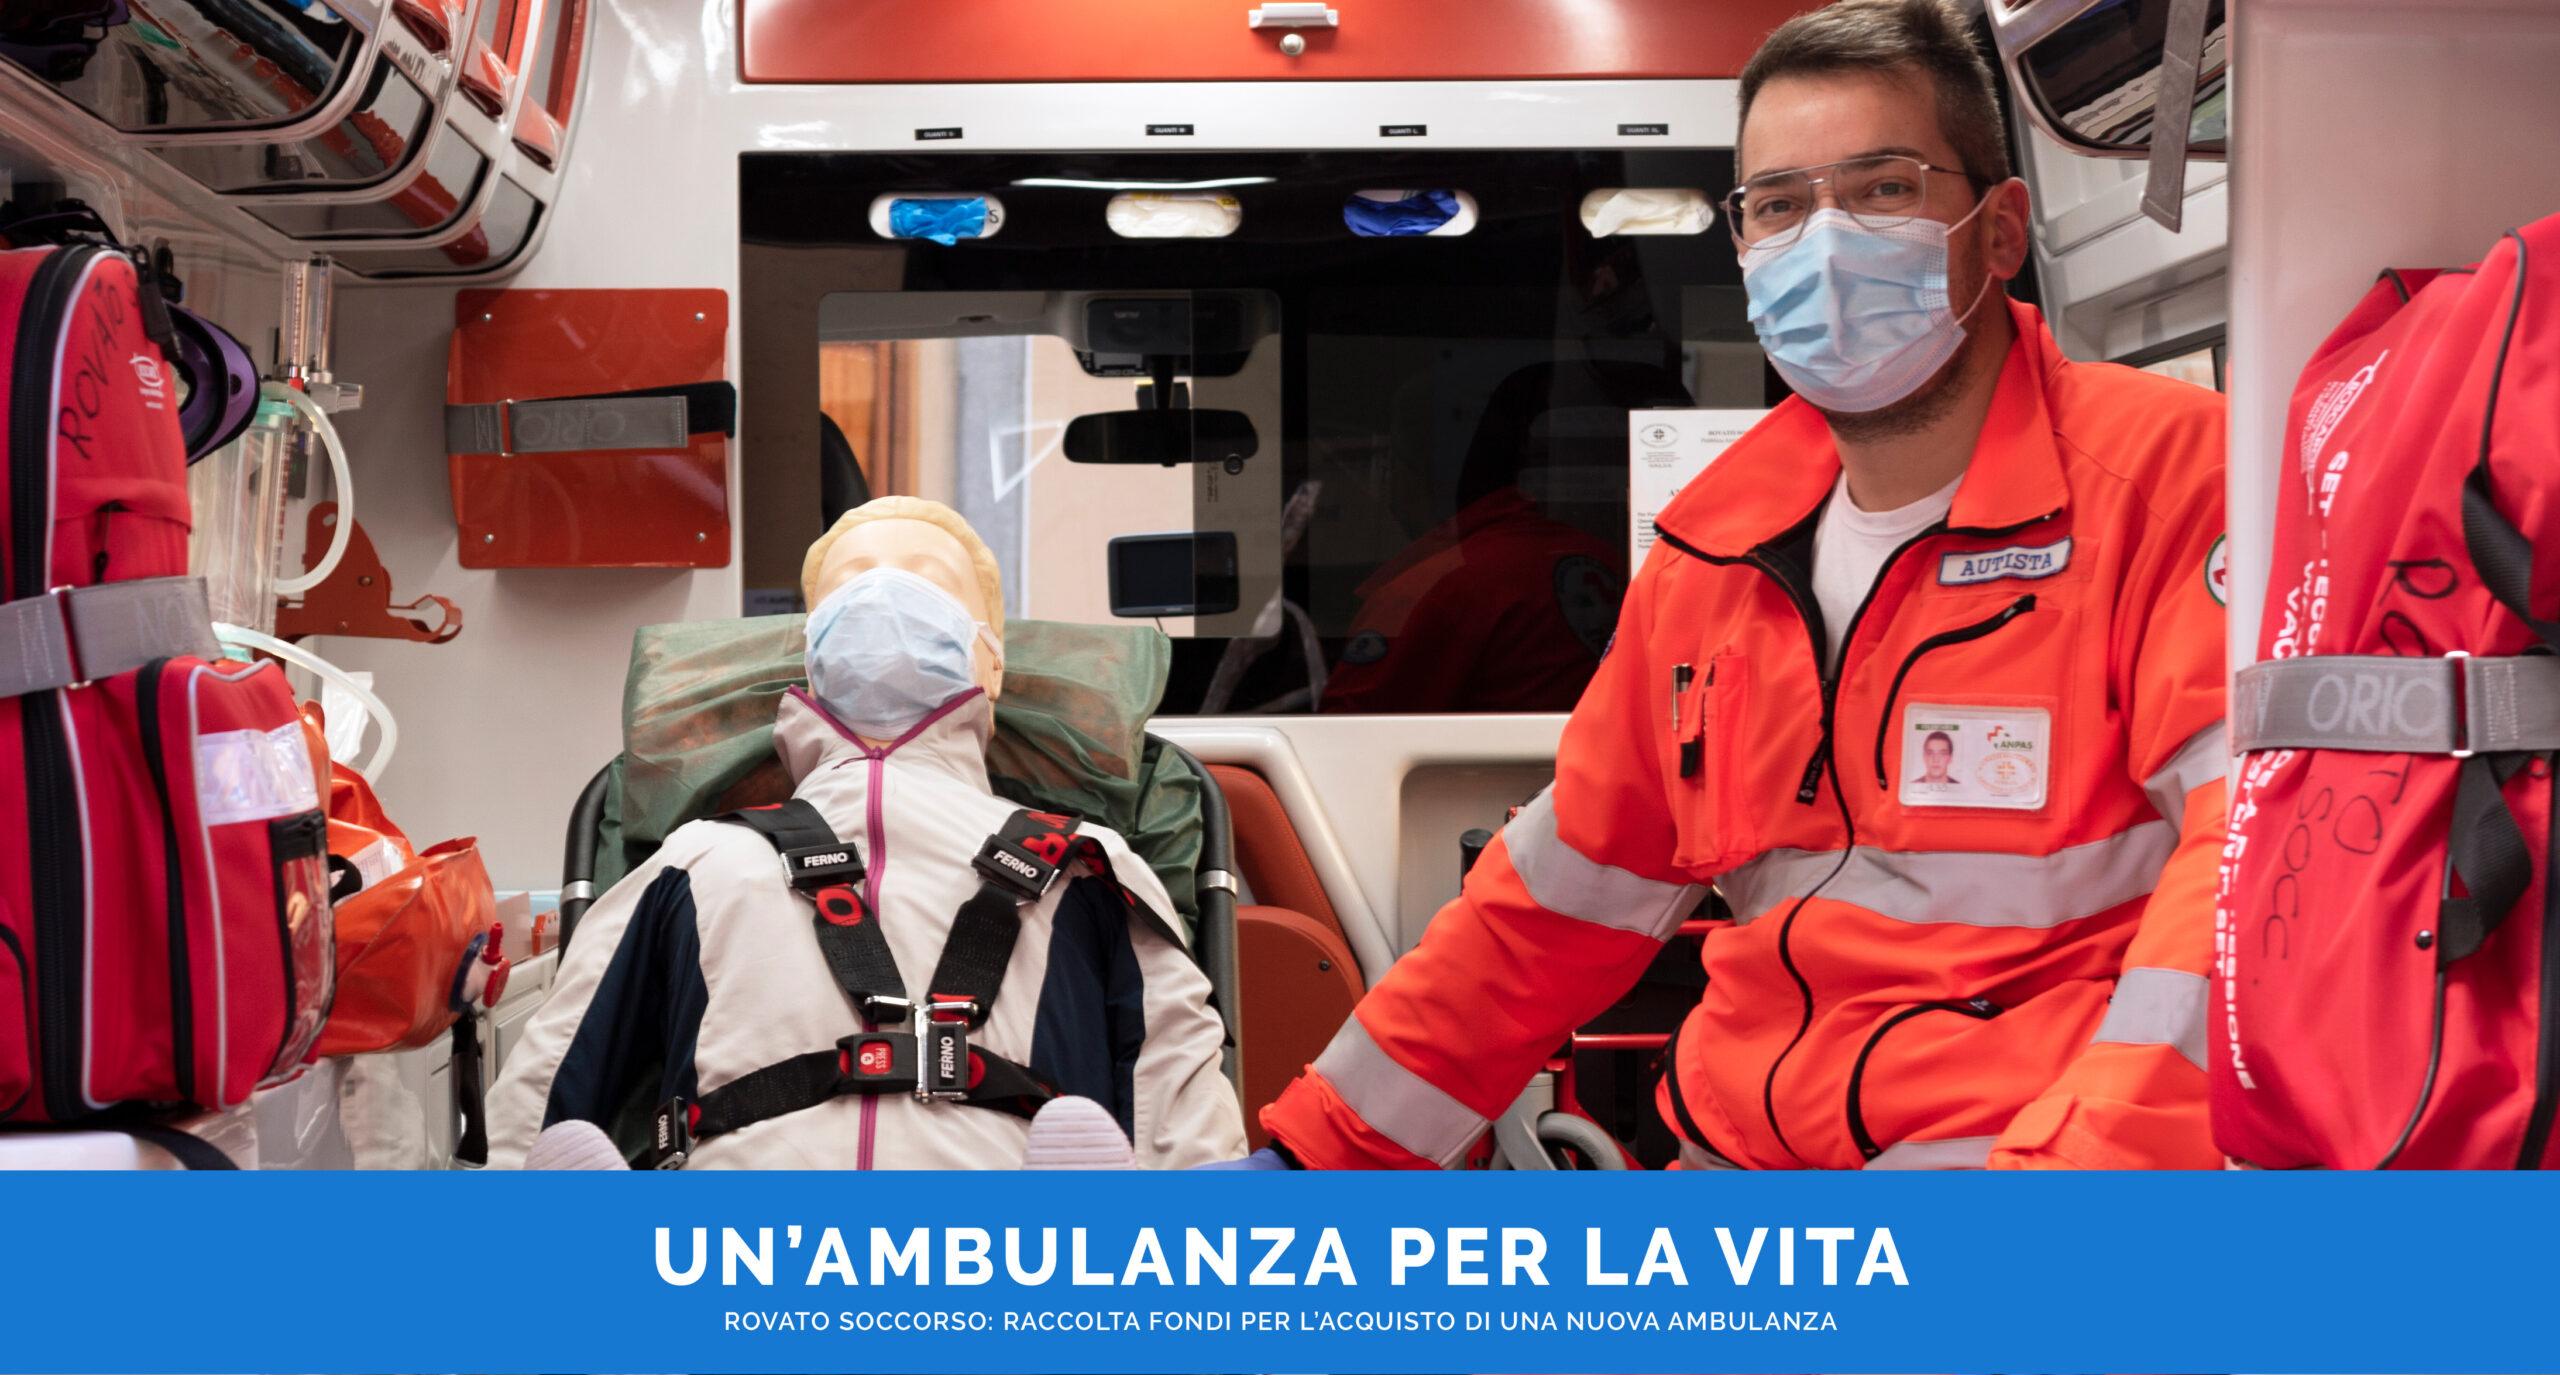 Rovato Soccorso: raccolta fondi per l'acquisto di una nuova ambulanza | Lazzaroni s.r.l.